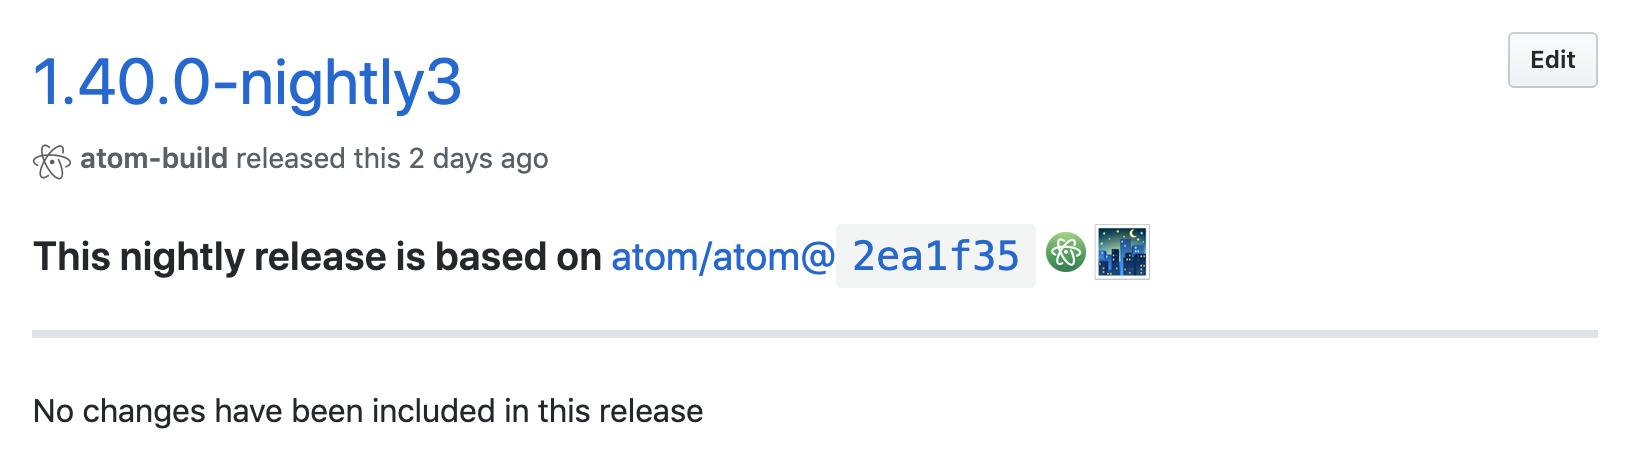 Screenshot 2019-06-17 at 20 42 30